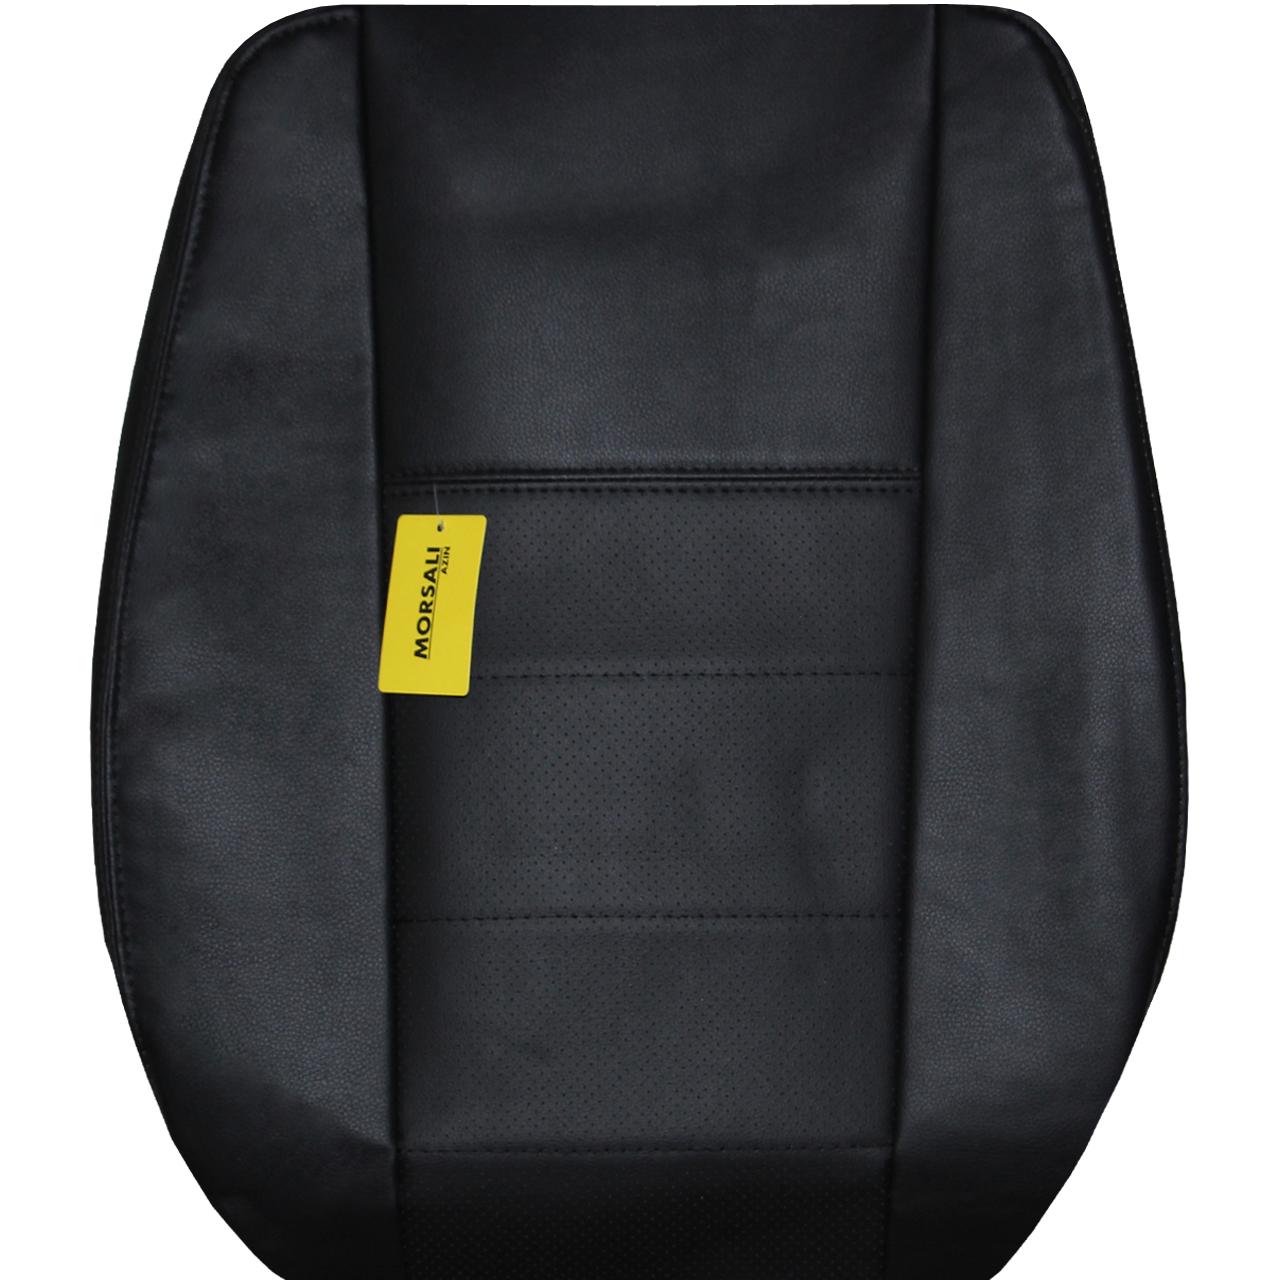 روکش صندلی آذین مرسلی کد AZ072 مناسب برای توسان 2008